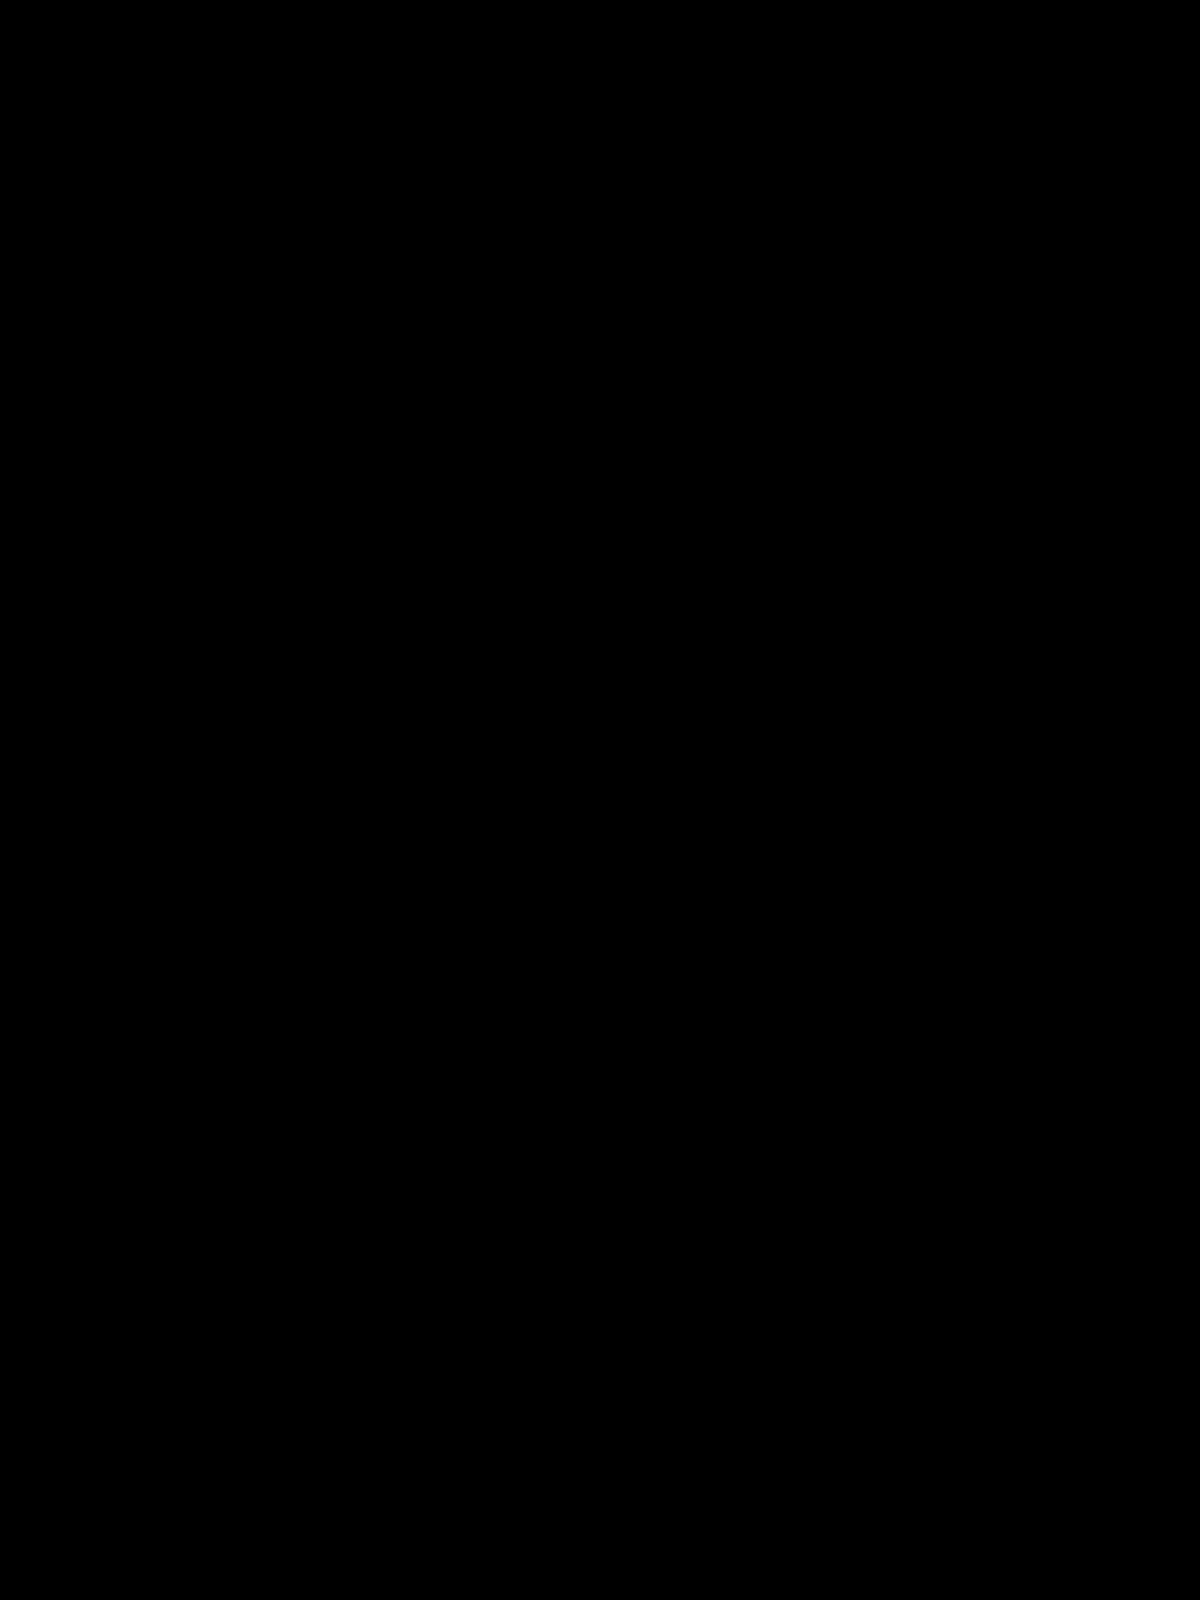 0c961cd2-a3e8-4eec-8f67-43e9292301f1